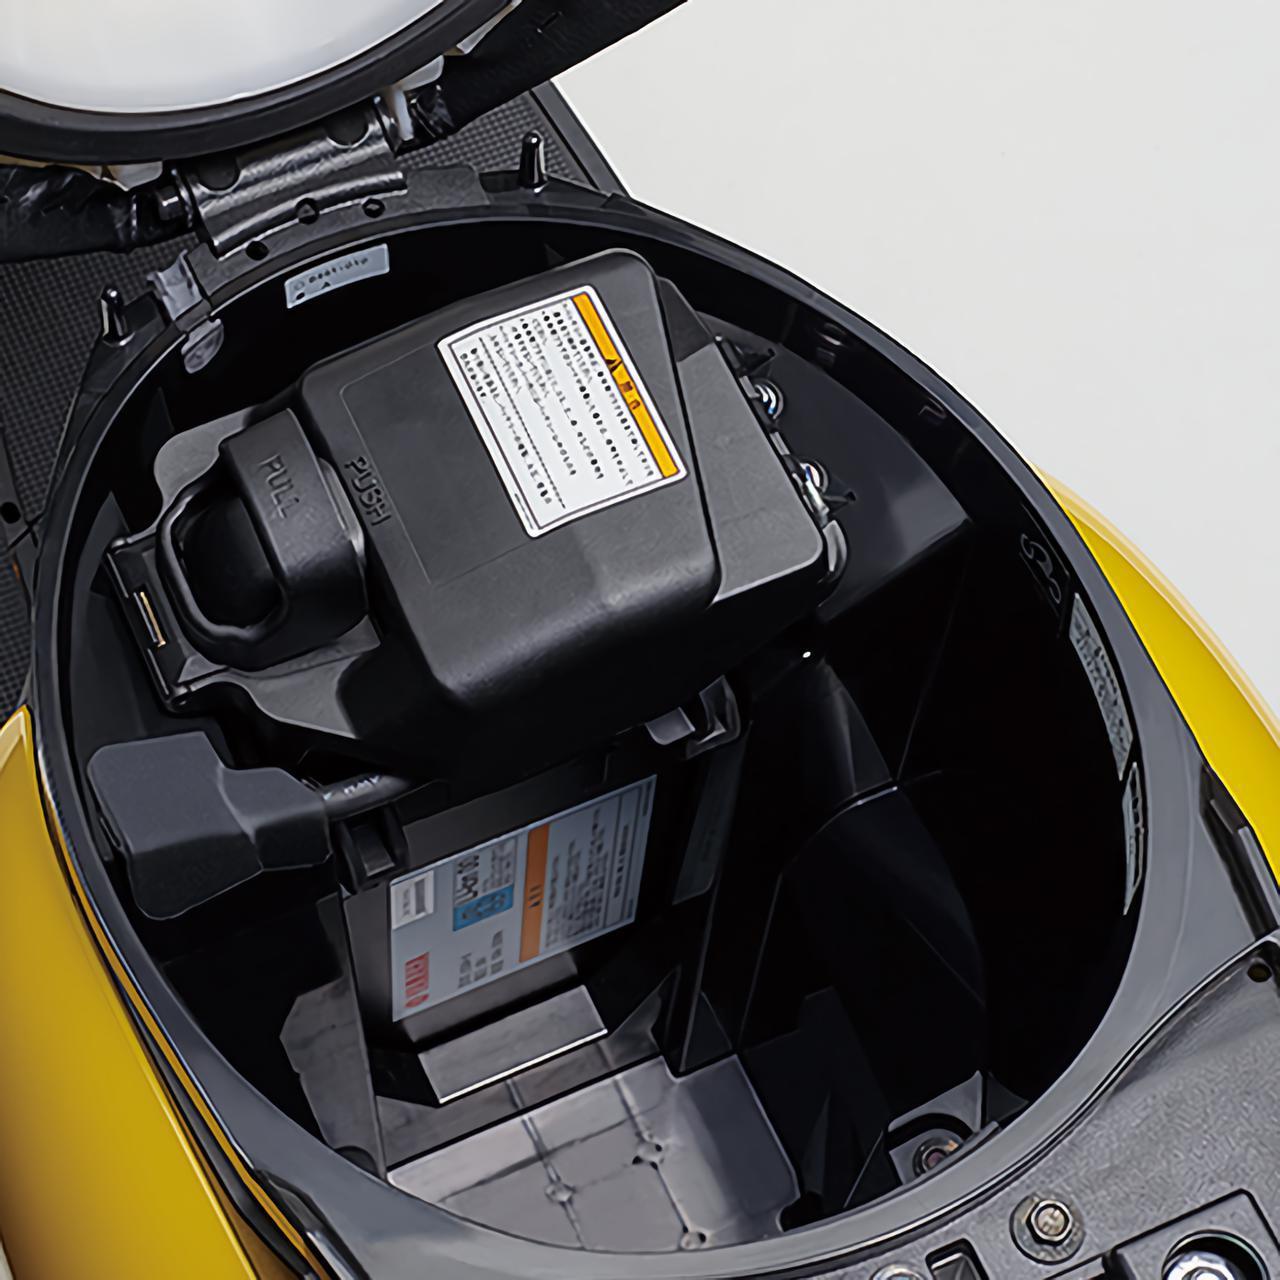 画像: シート下にバッテリーを搭載。空いているスペースに別売のスペアバッテリーを収納することもできます。